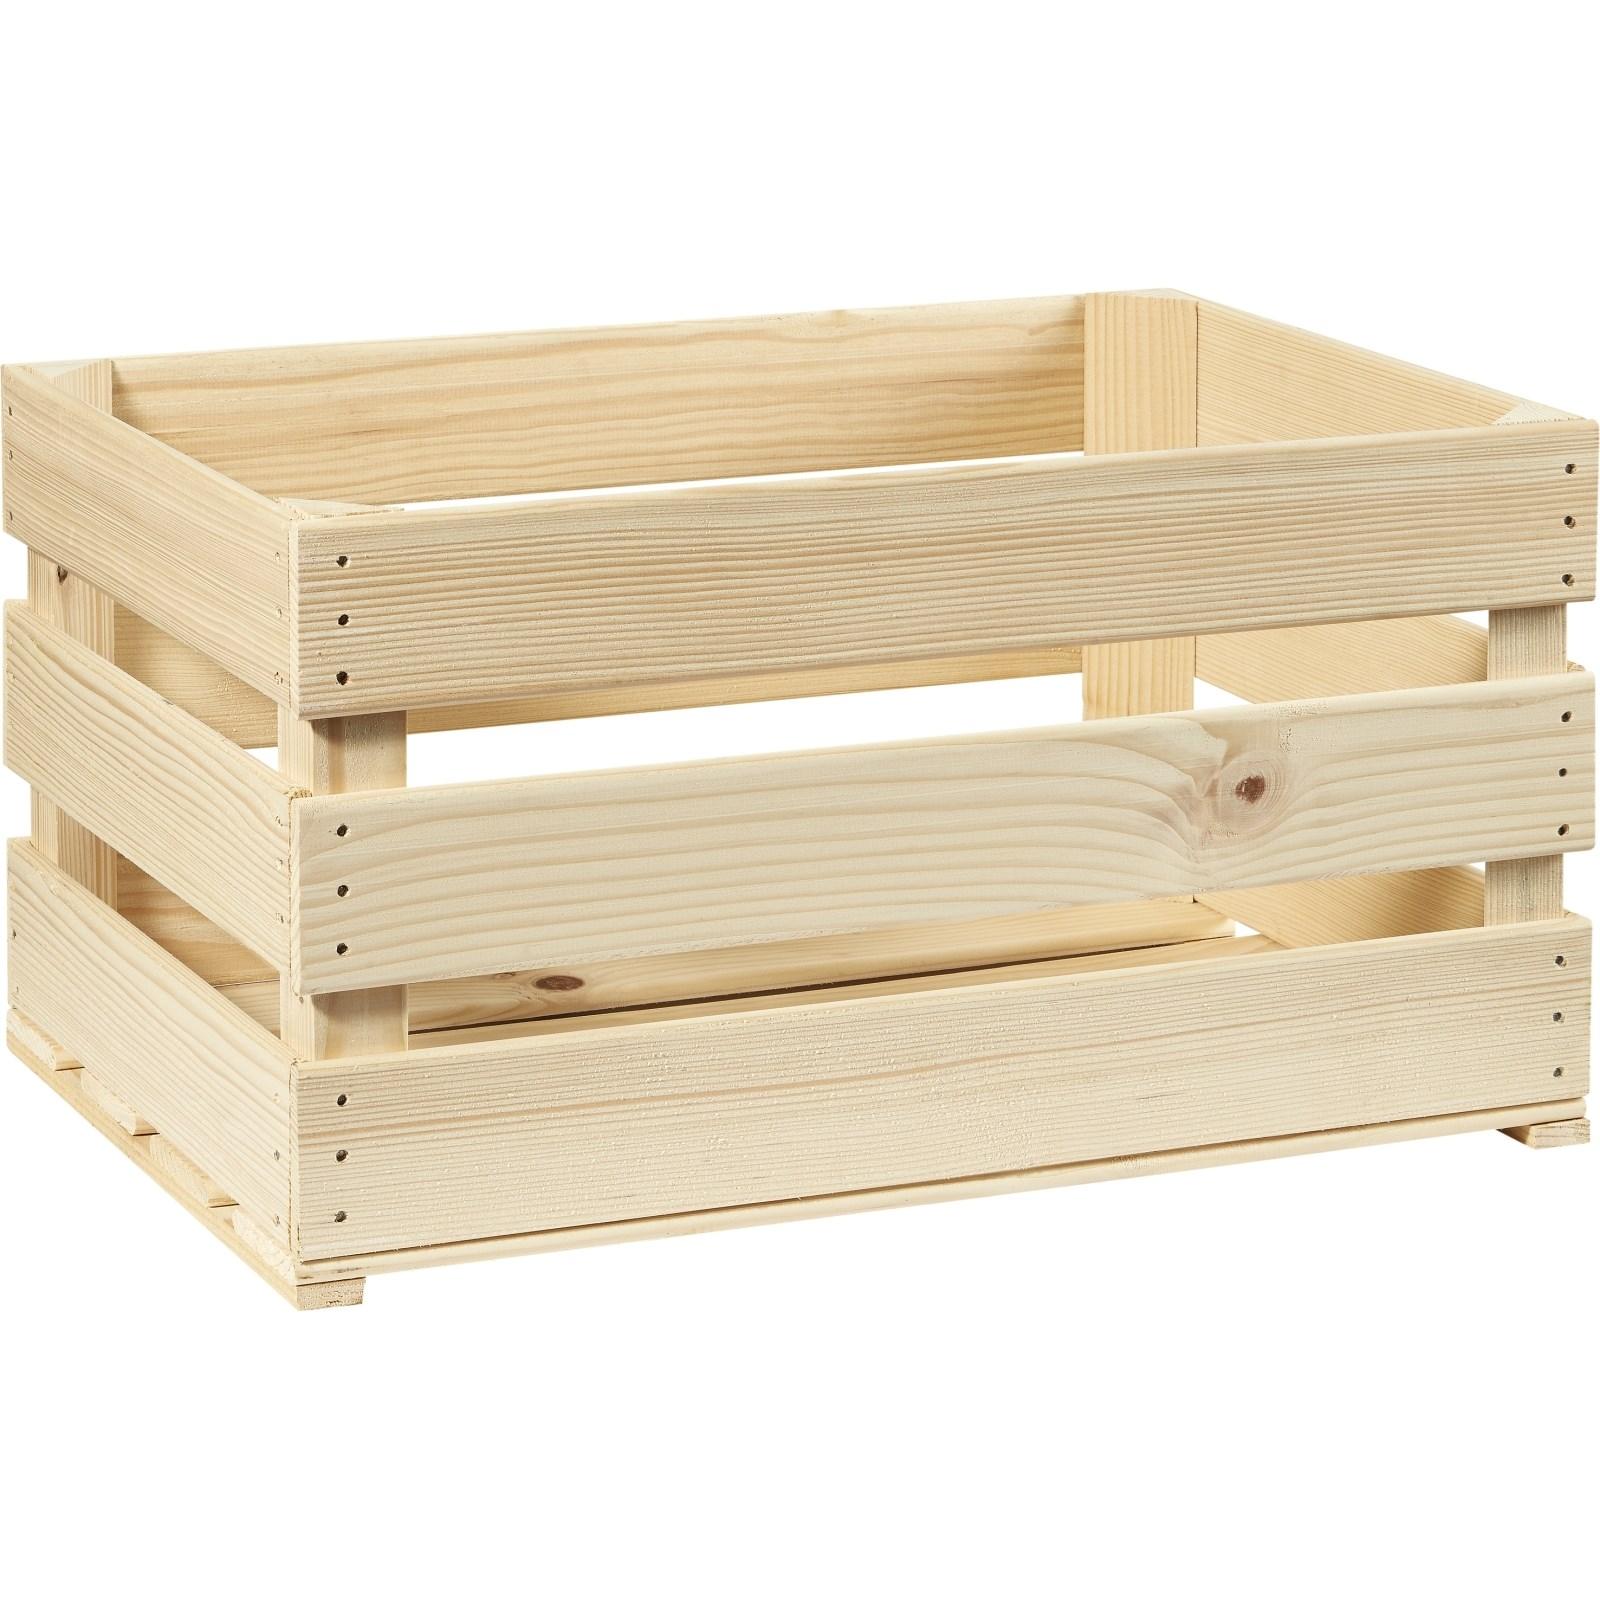 Caisse De Pomme Vide cageot en bois 60 × 40 × 30 cm - accessoires de récolte - landi